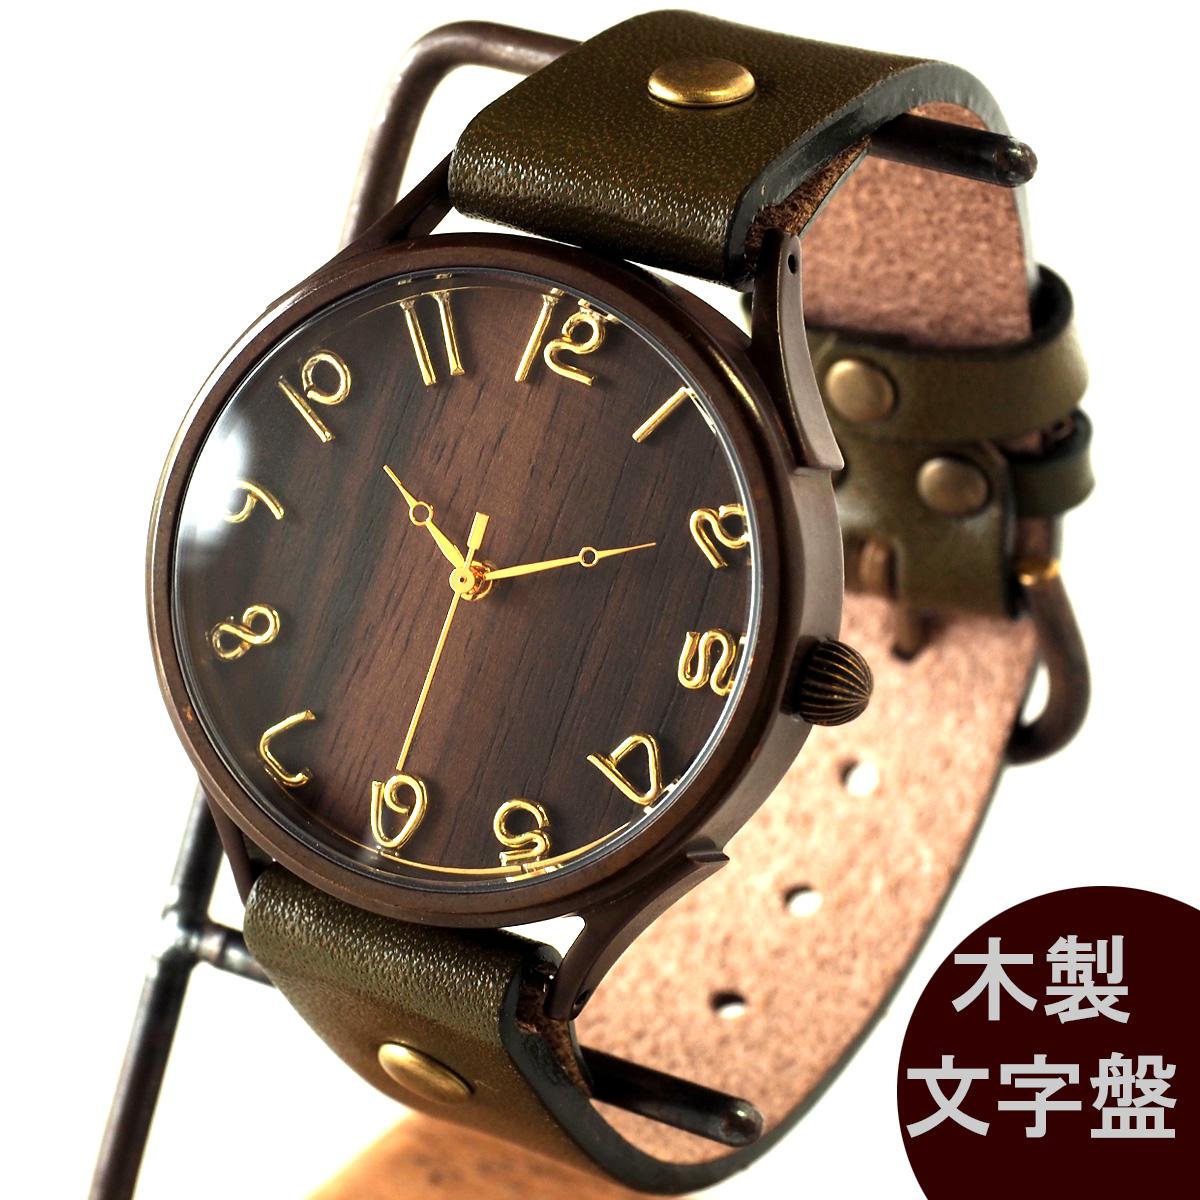 """vie(ヴィー) 手作り腕時計 """"simple wood -シンプルウッド-"""" XLサイズ [WB-045X]"""